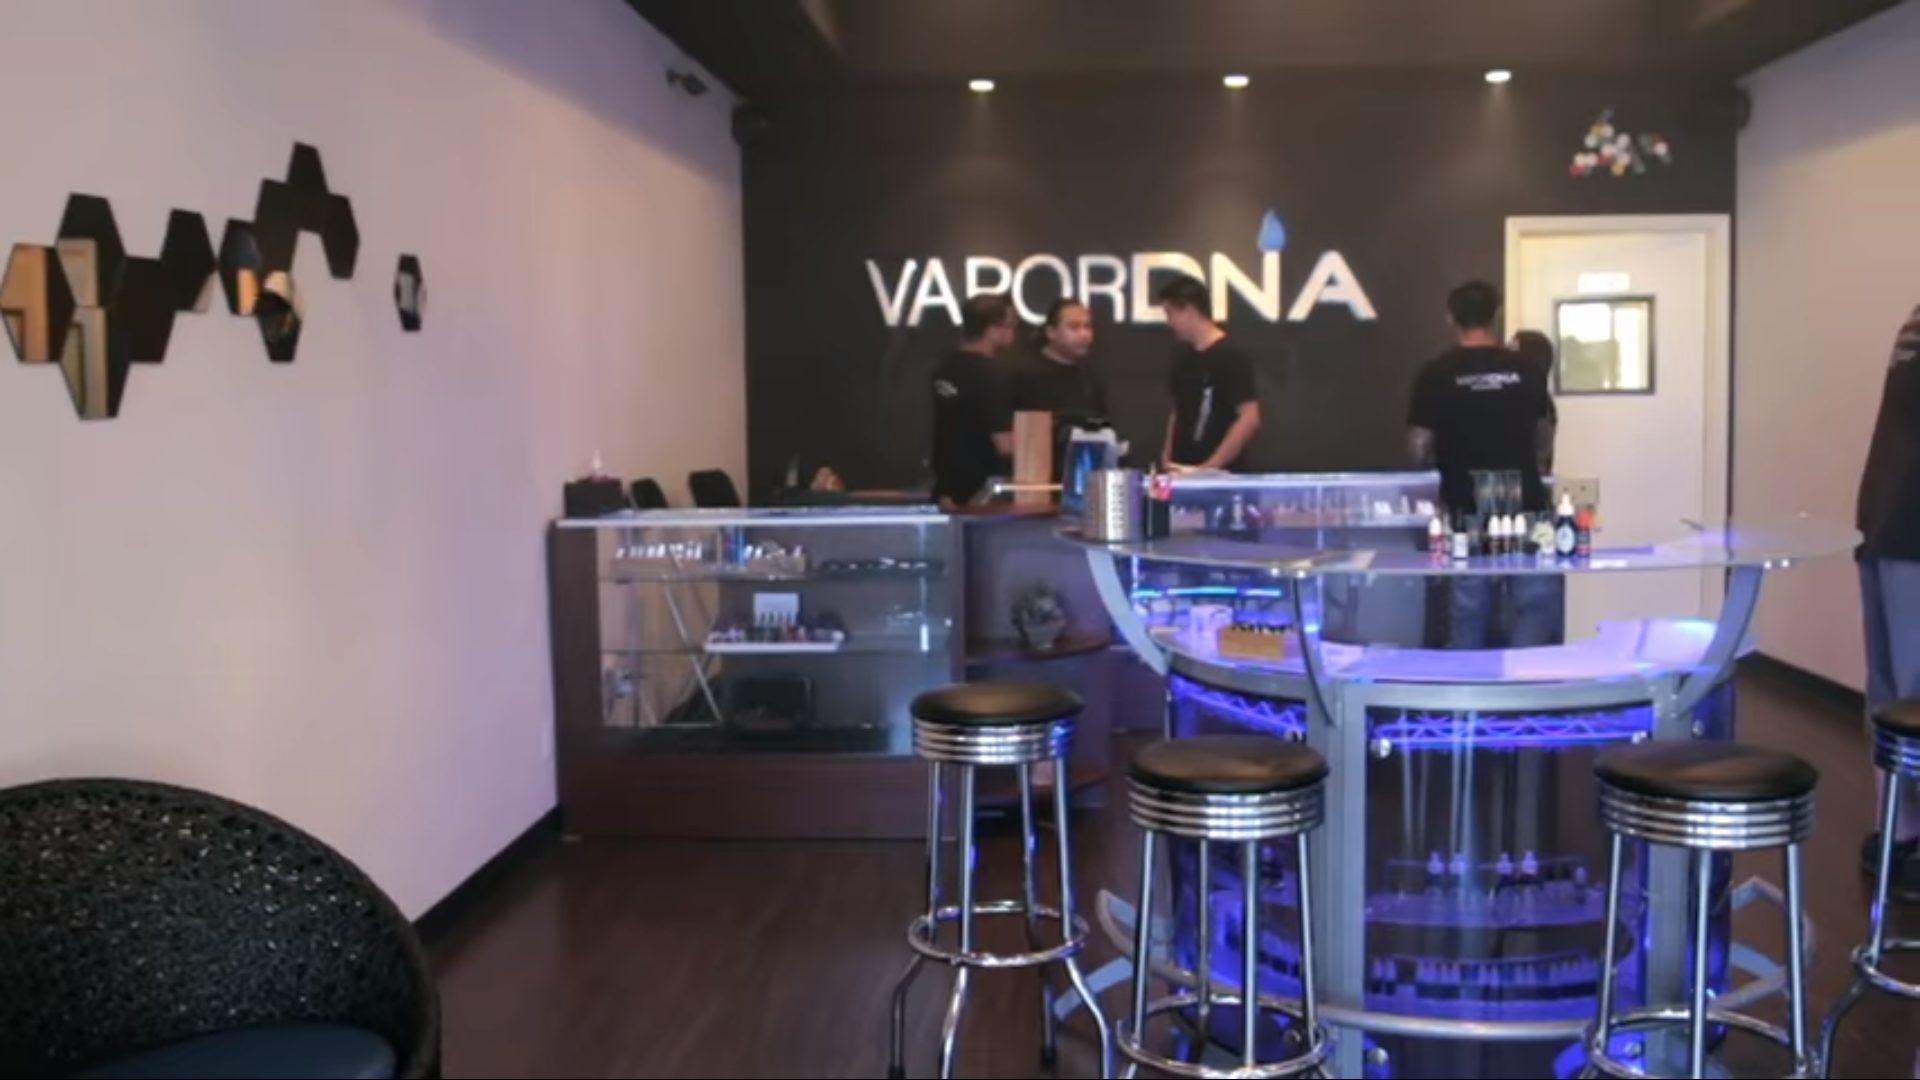 Is VaporDNA safe